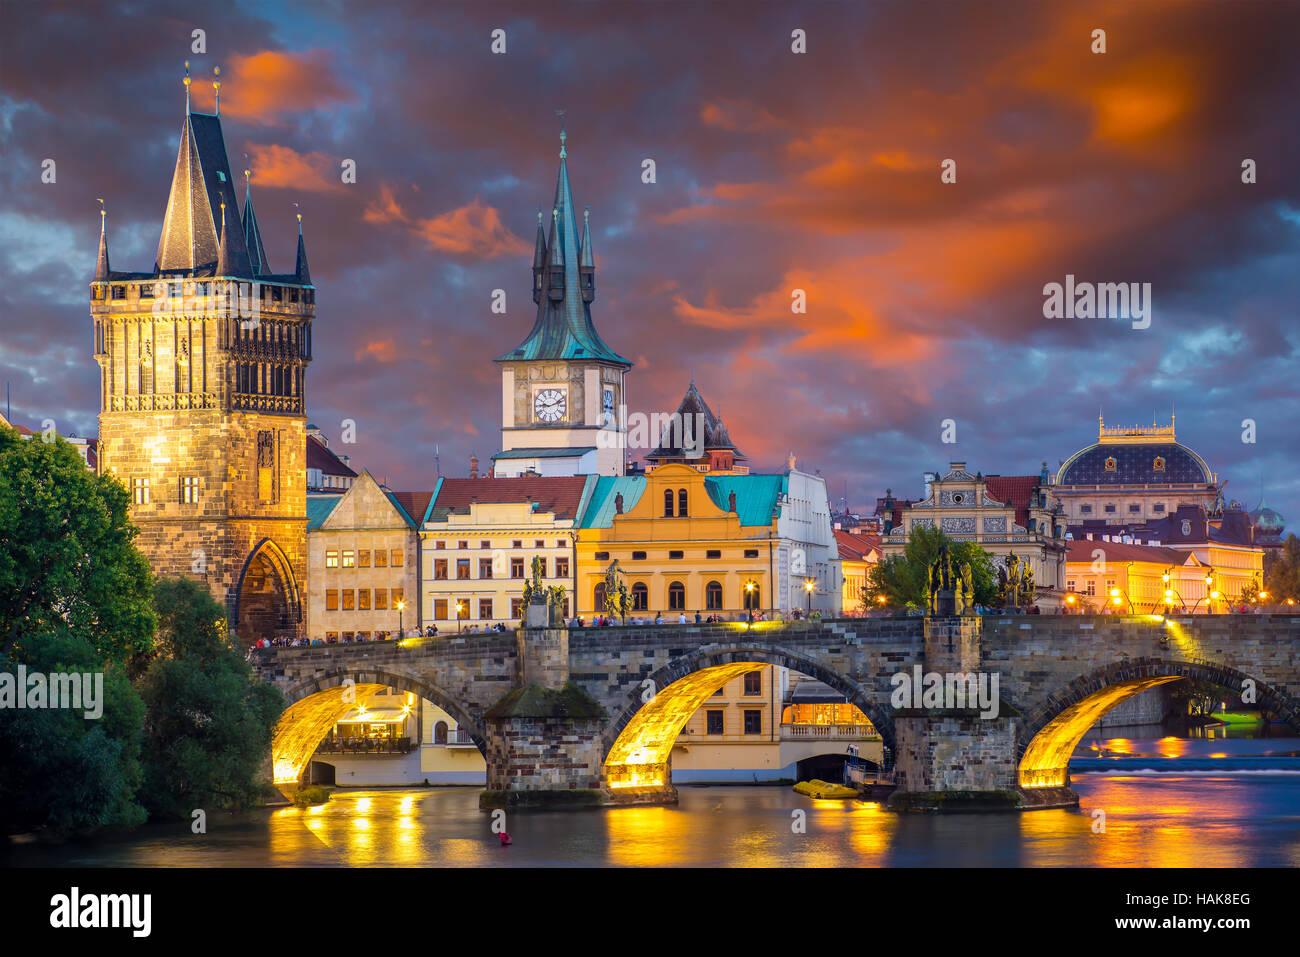 Vibrante cielo tormentoso atardecer sobre el río Vltava y el Puente de Carlos de Praga República Checa Imagen De Stock